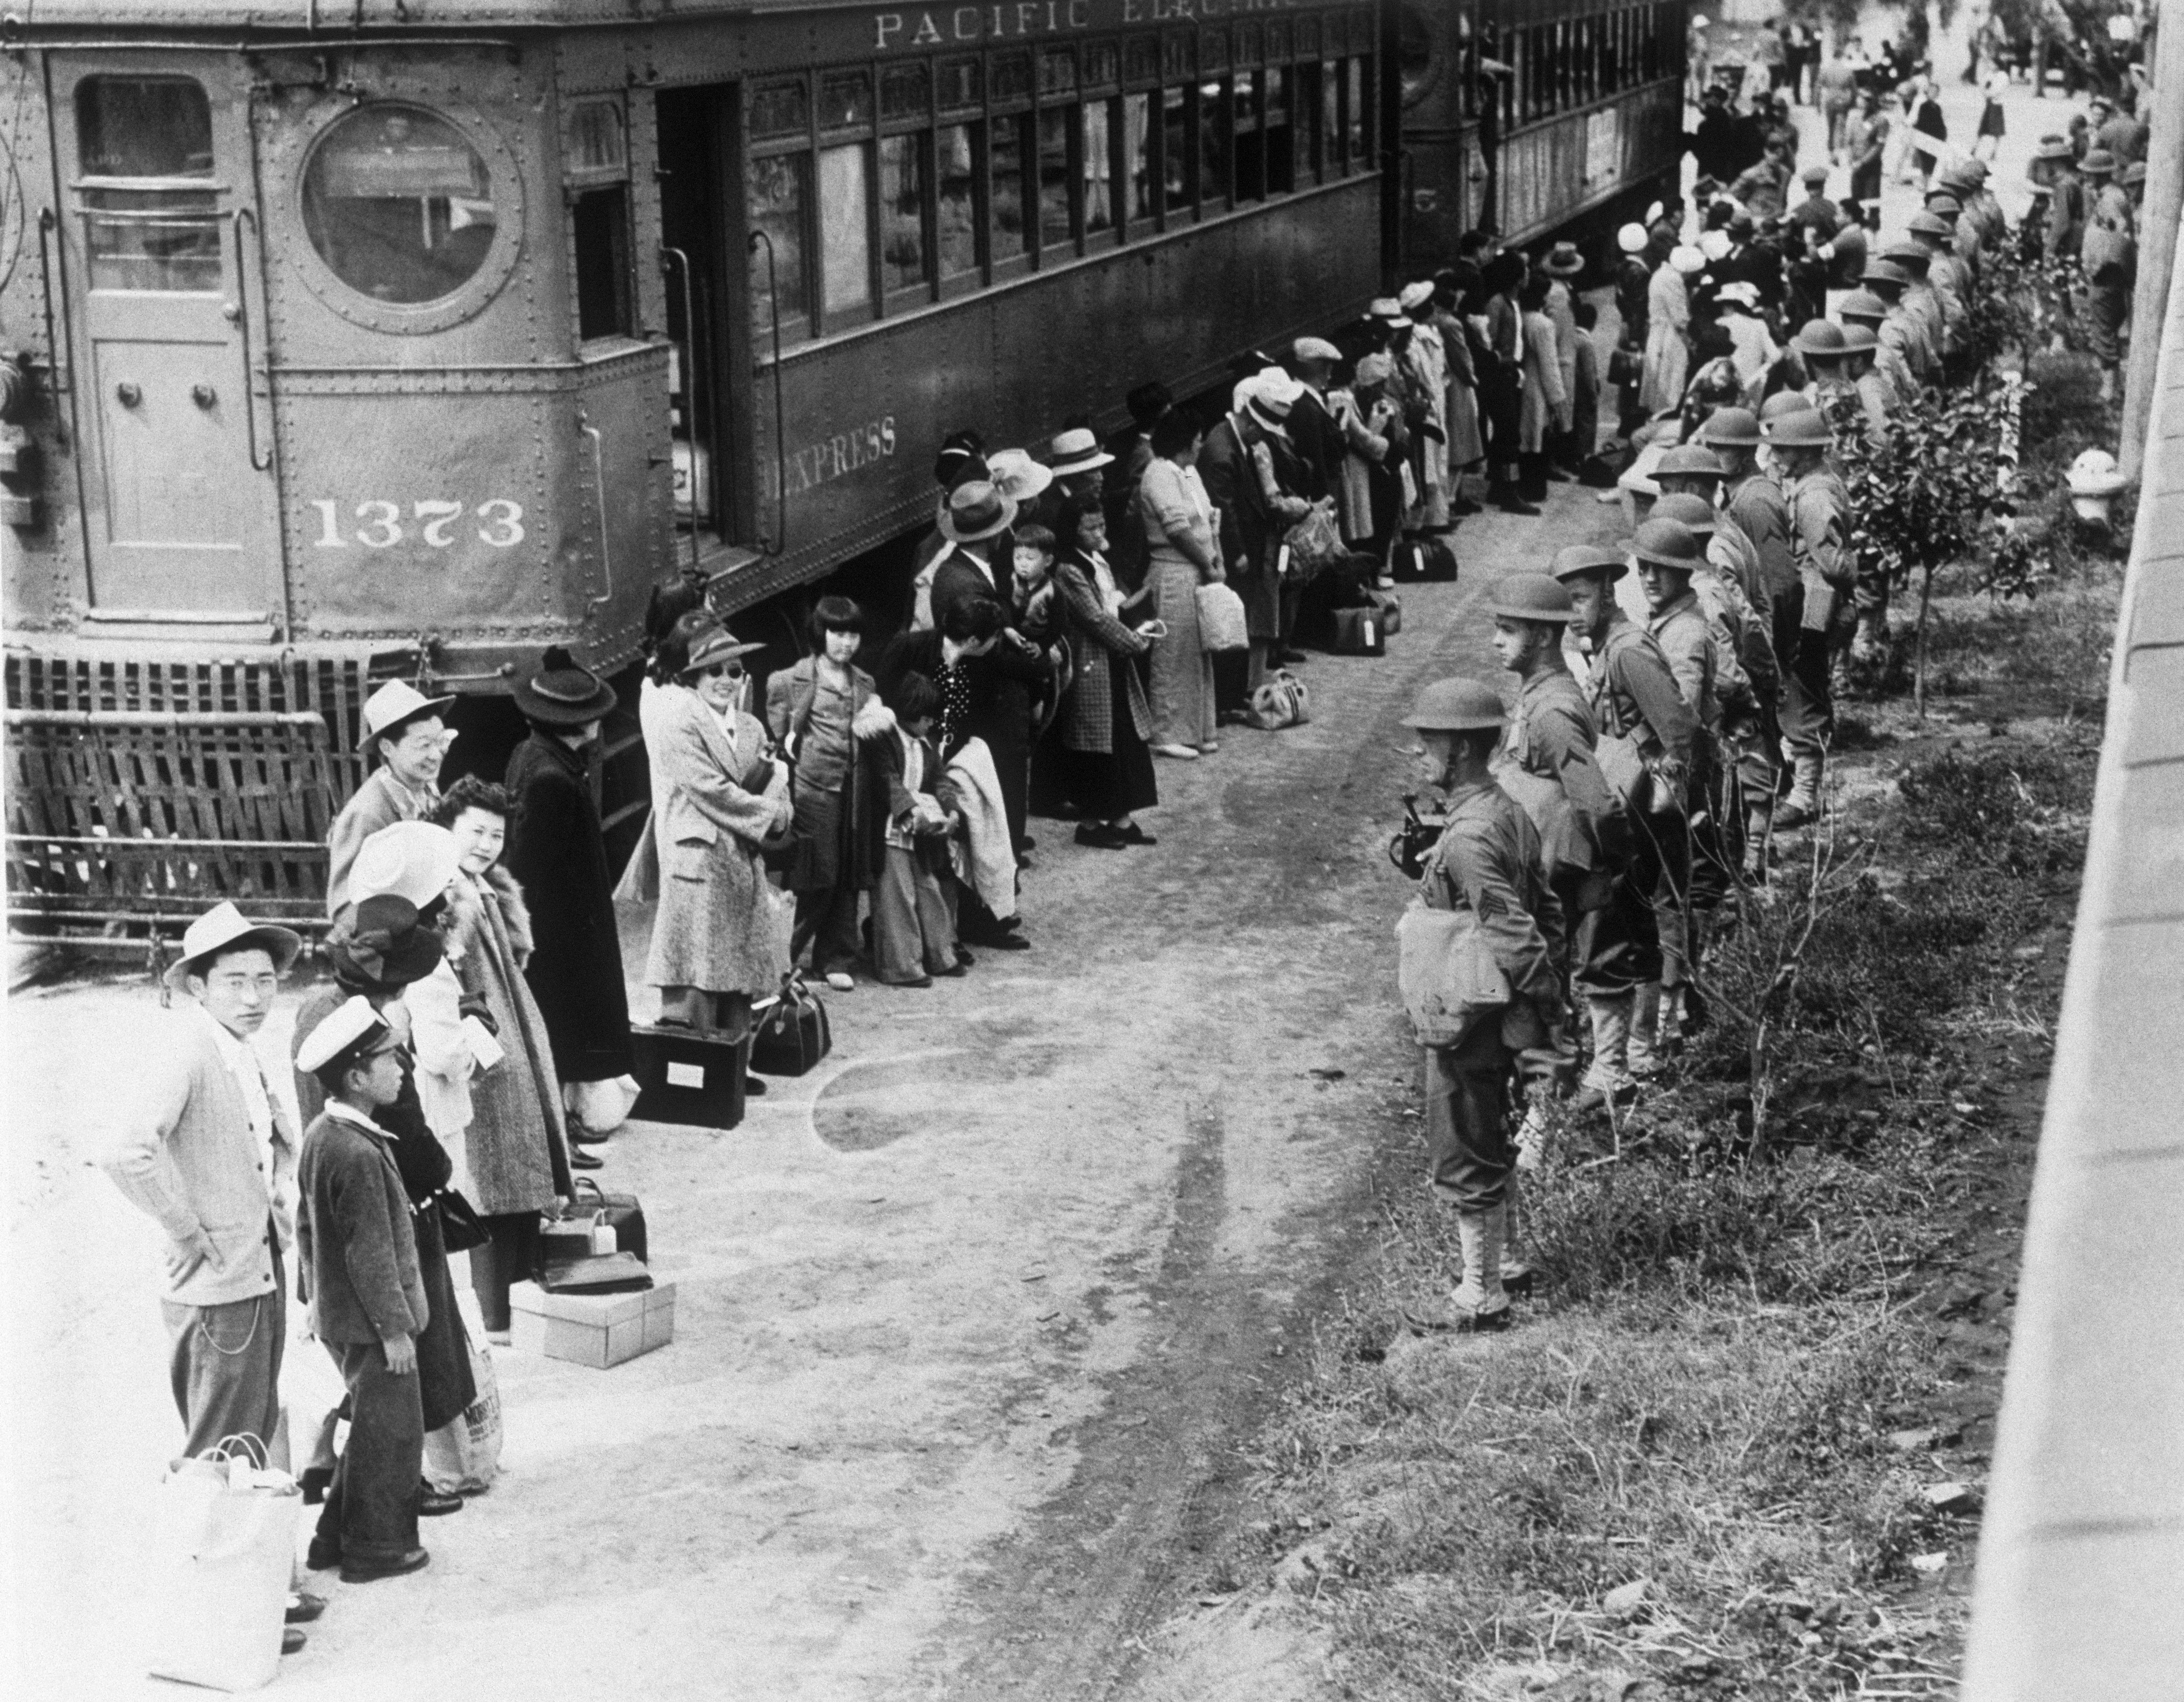 japanese internment during world war 2 essay